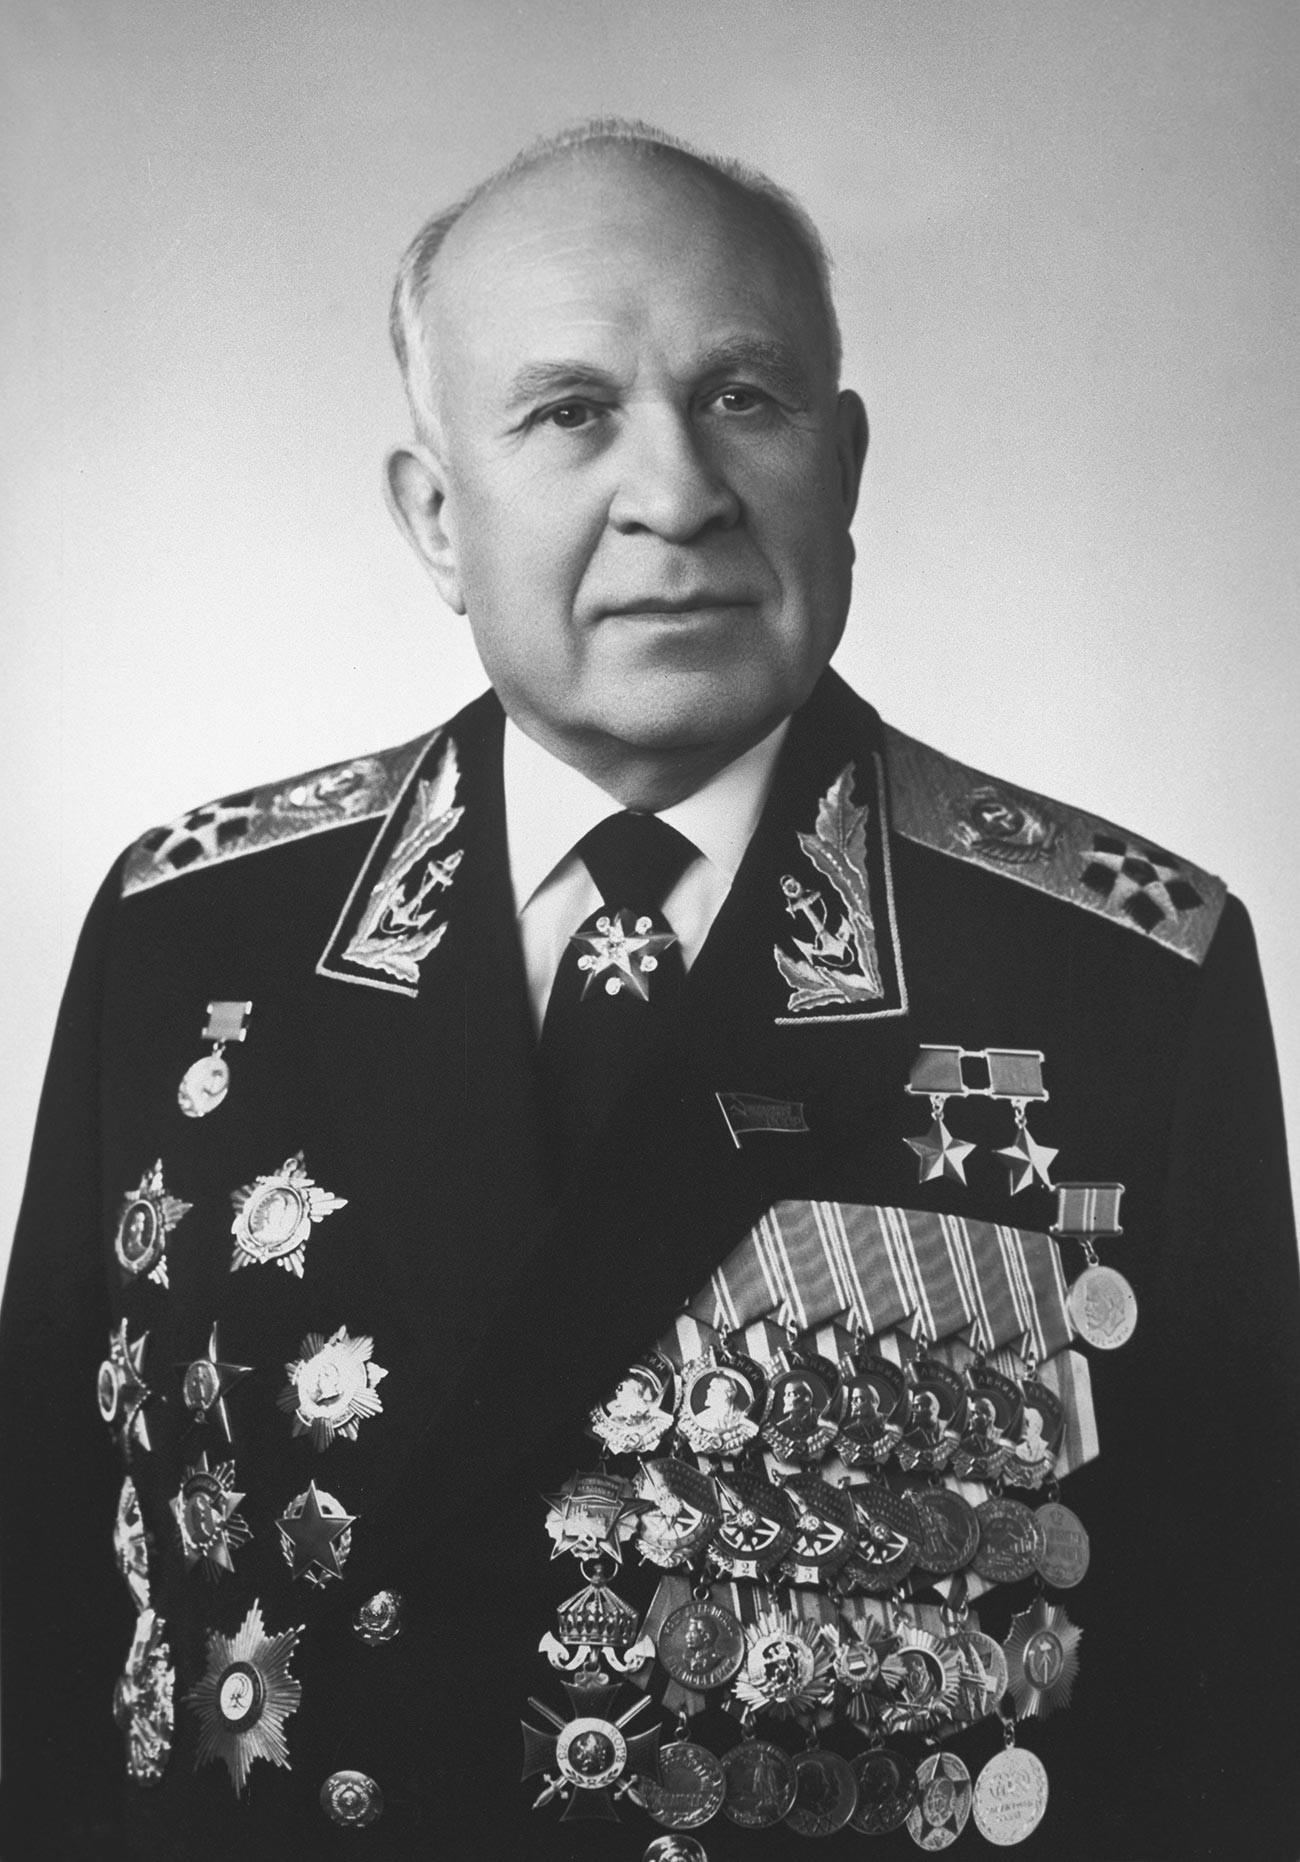 L'ammiraglio Sergej Gorshkov, Eroe dell'Unione Sovietica